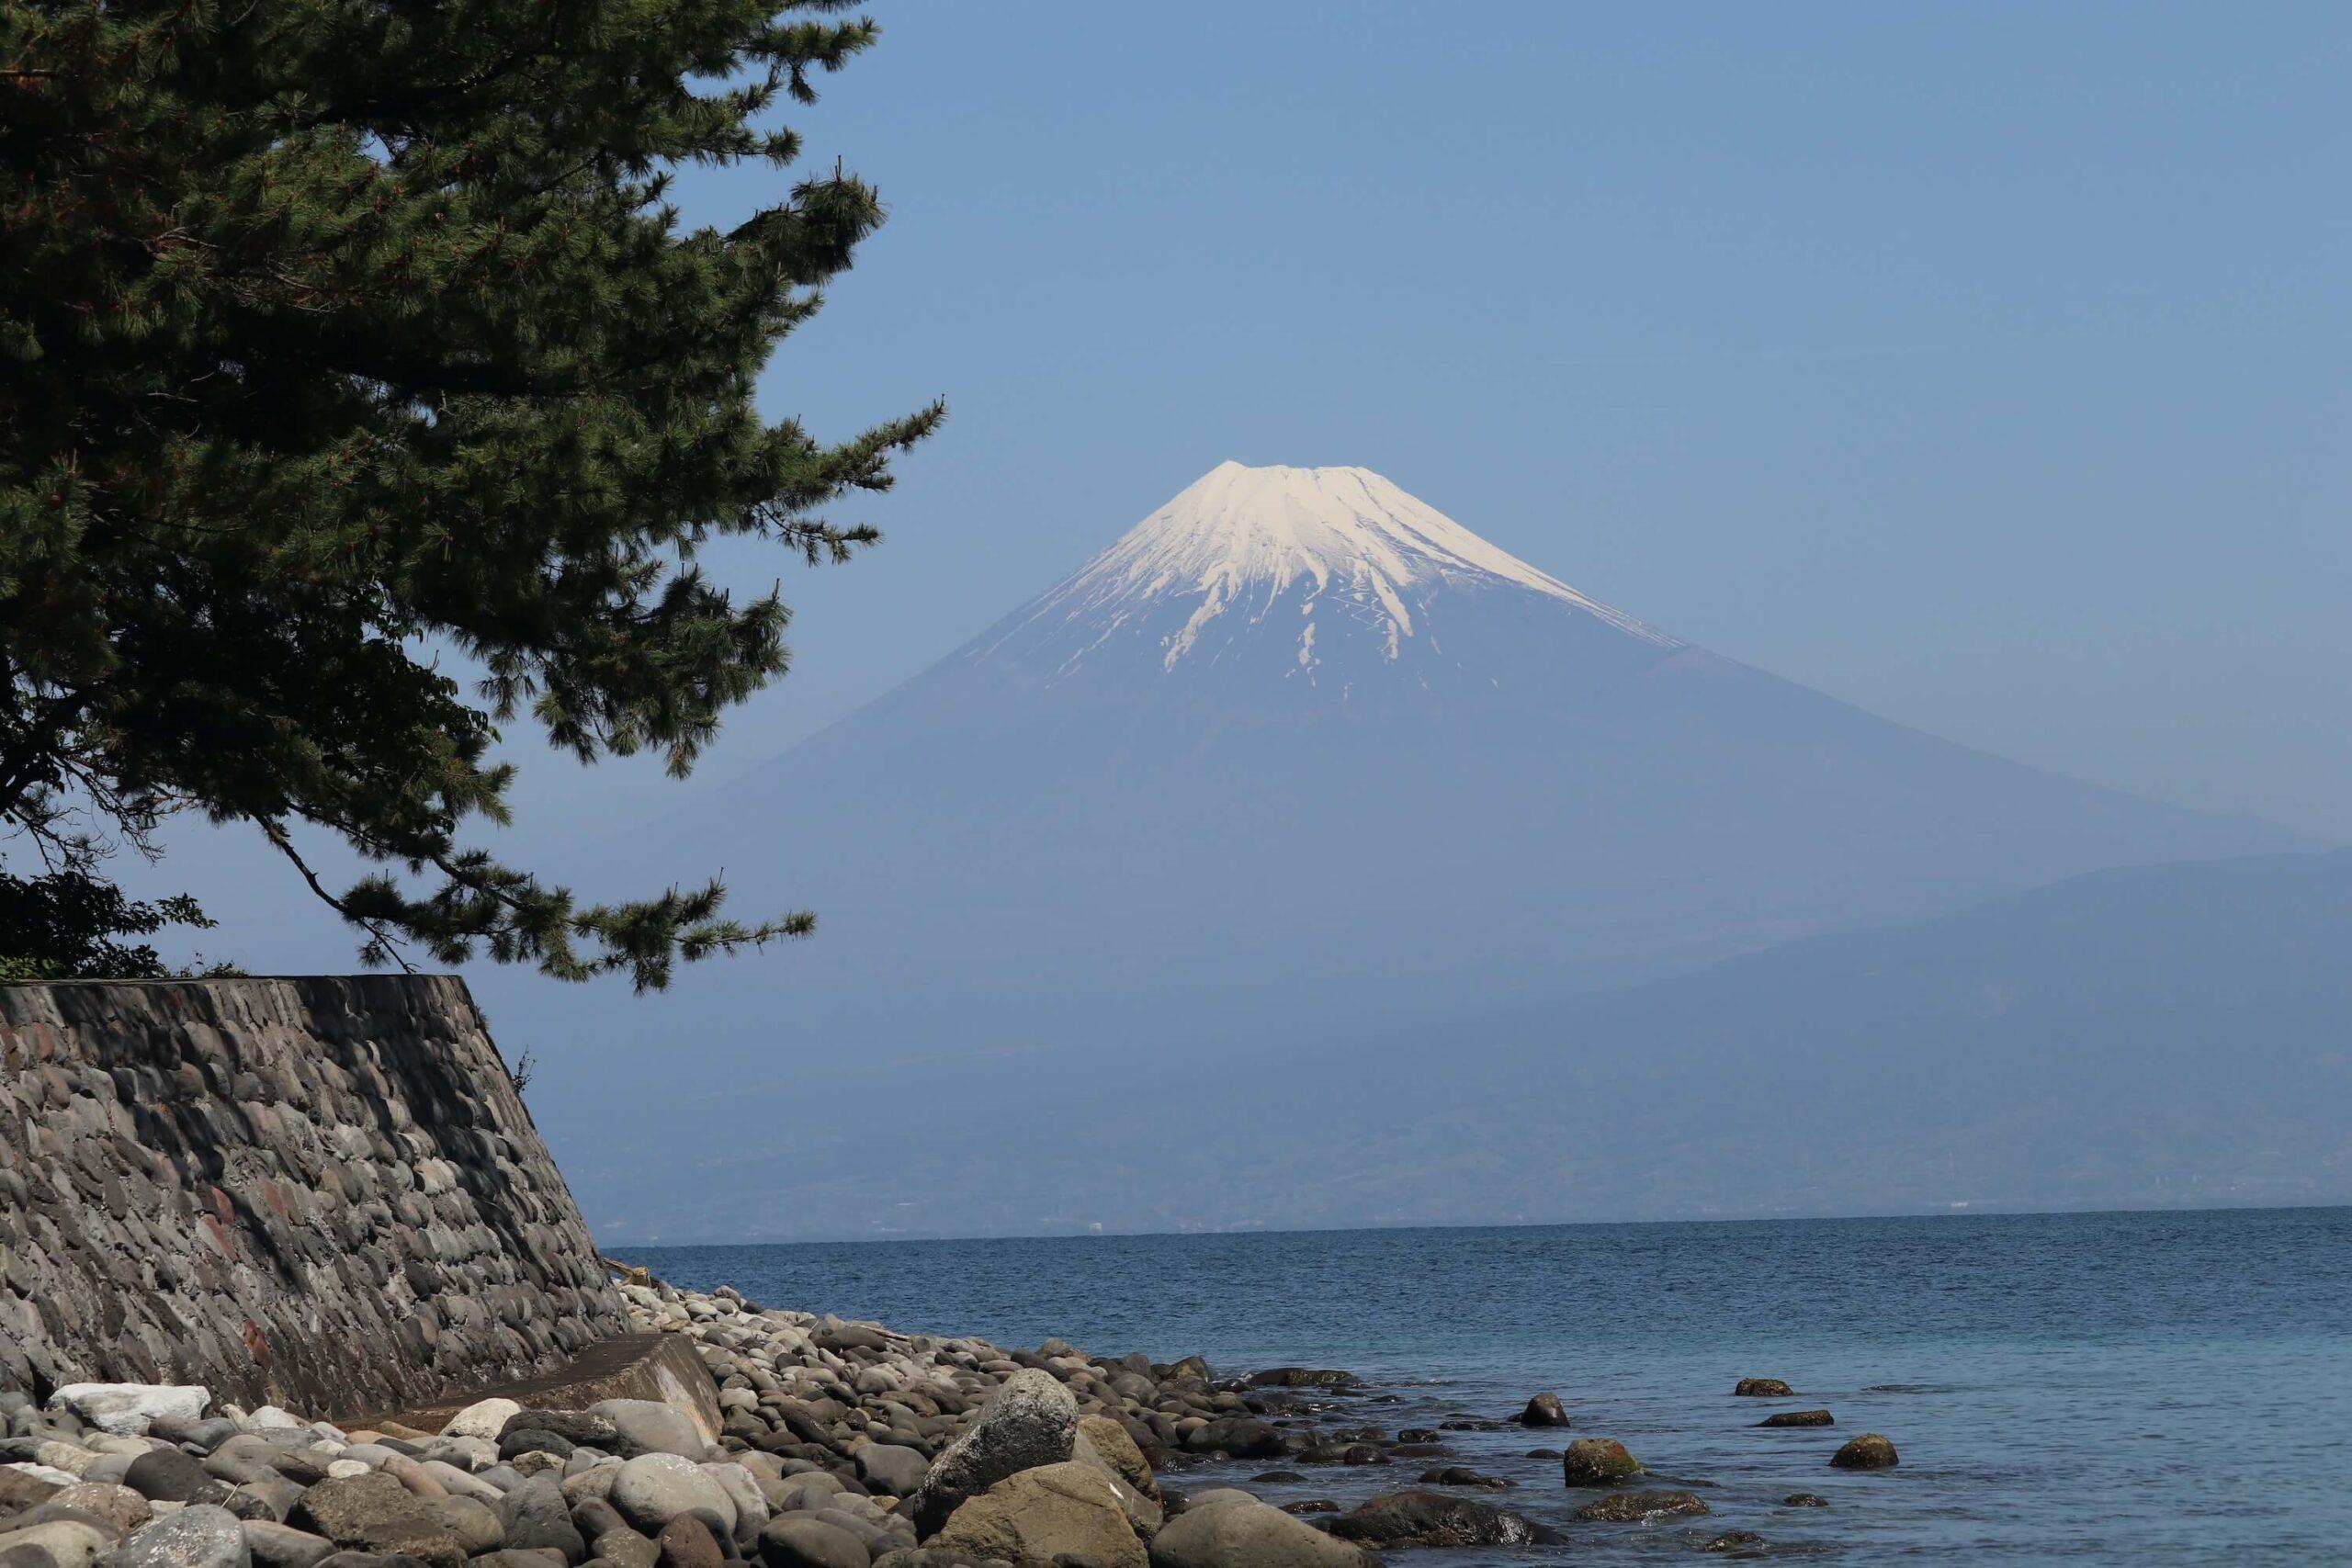 戸田御浜岬の諸口神社から眺める富士山